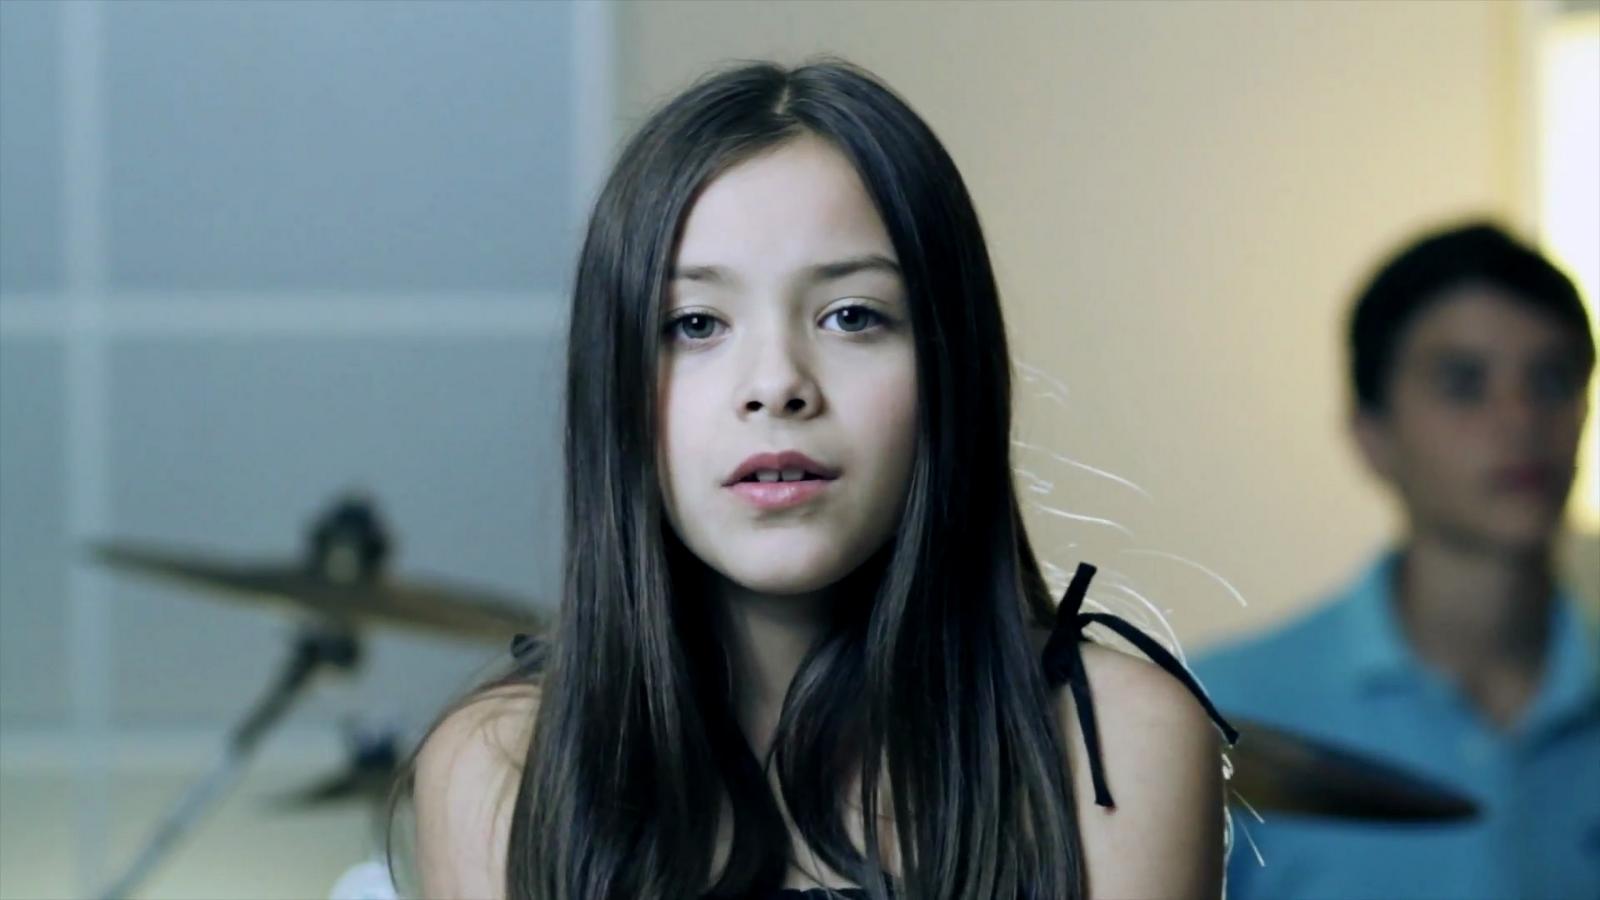 Смотреть порно ролики с молодыми девочками 9 фотография